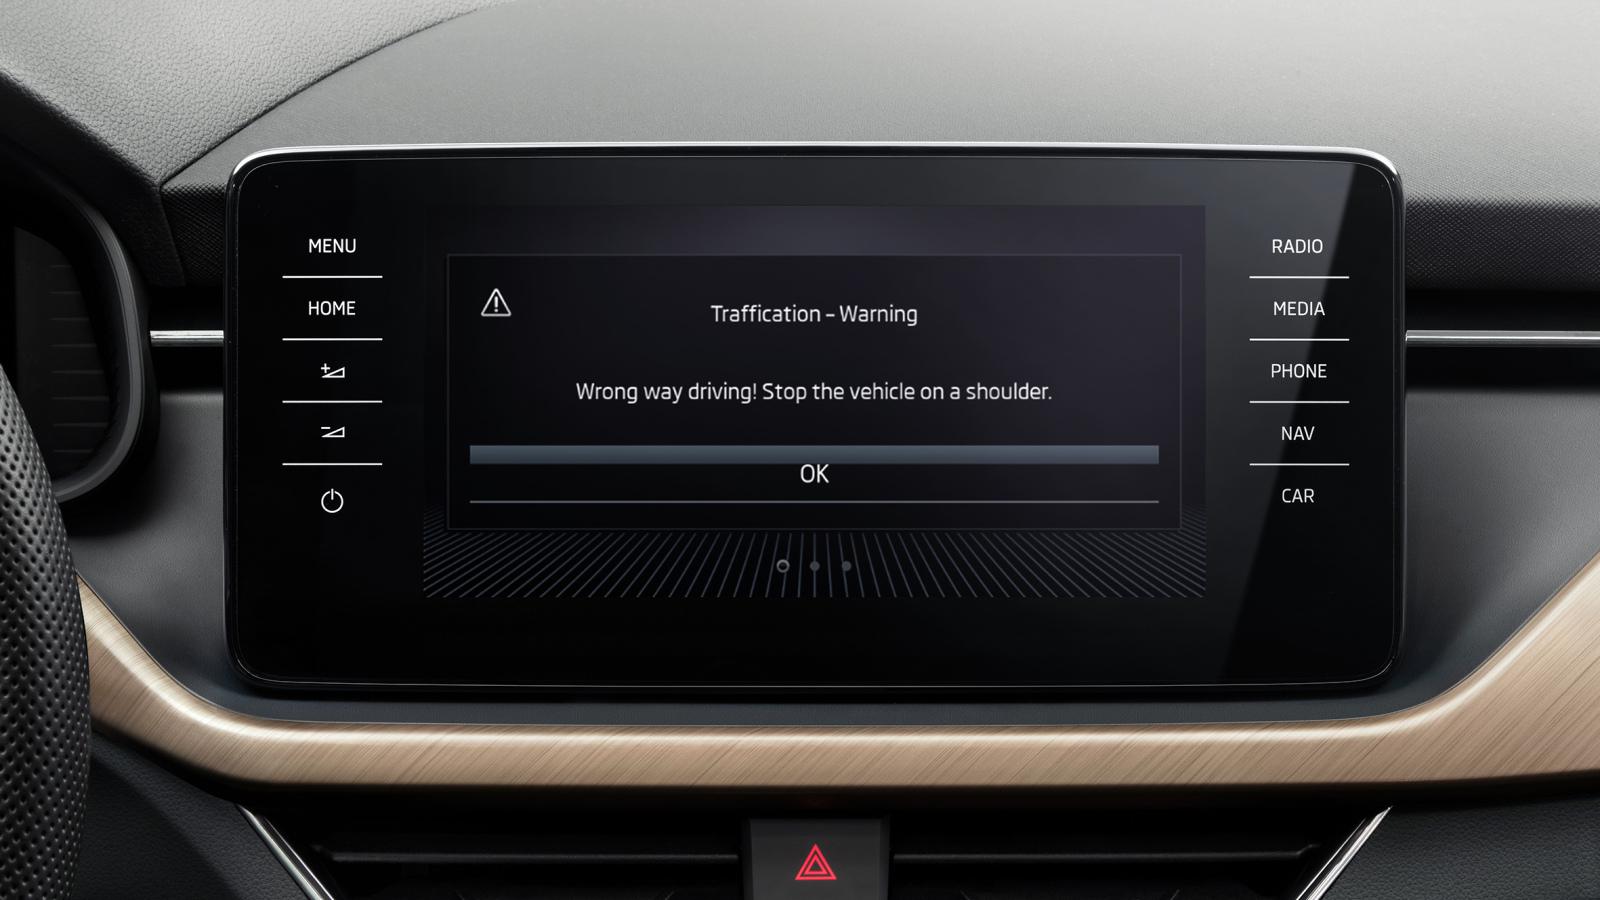 Systém varujúci vodiča v jazde v zlom smere je teraz súčasťou vozidiel značky ŠKODA